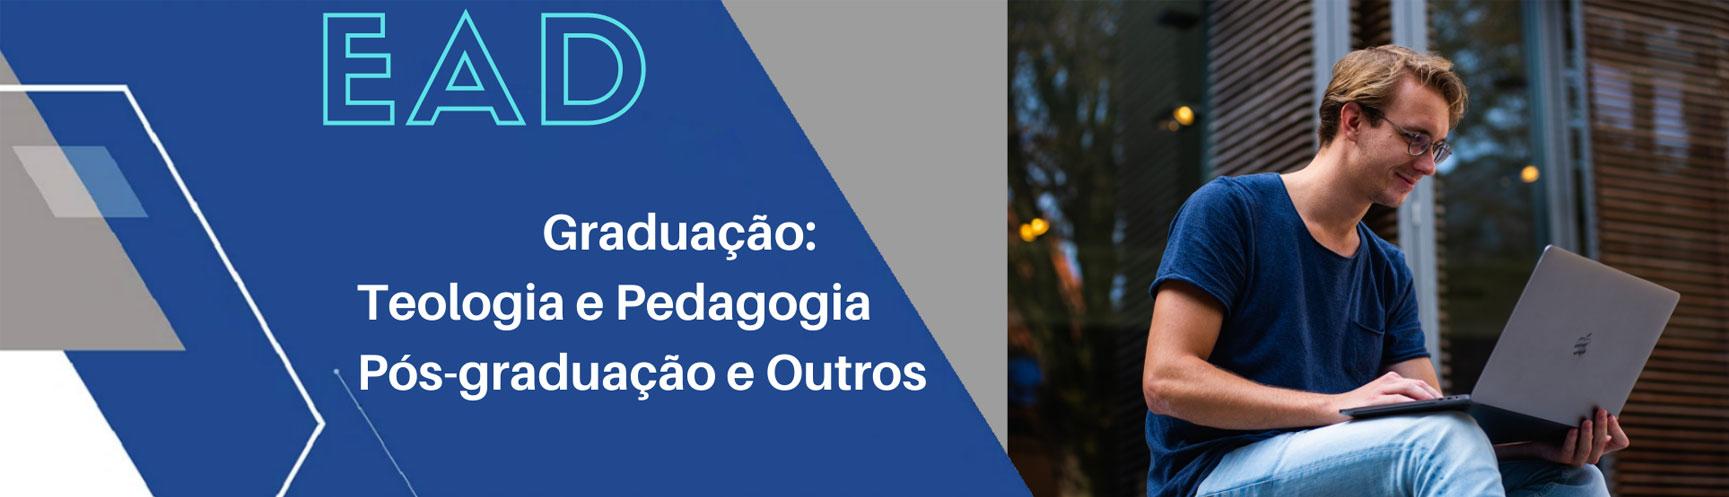 Graduação: Teologia e Pedagogia Pós-Graduação e Outros